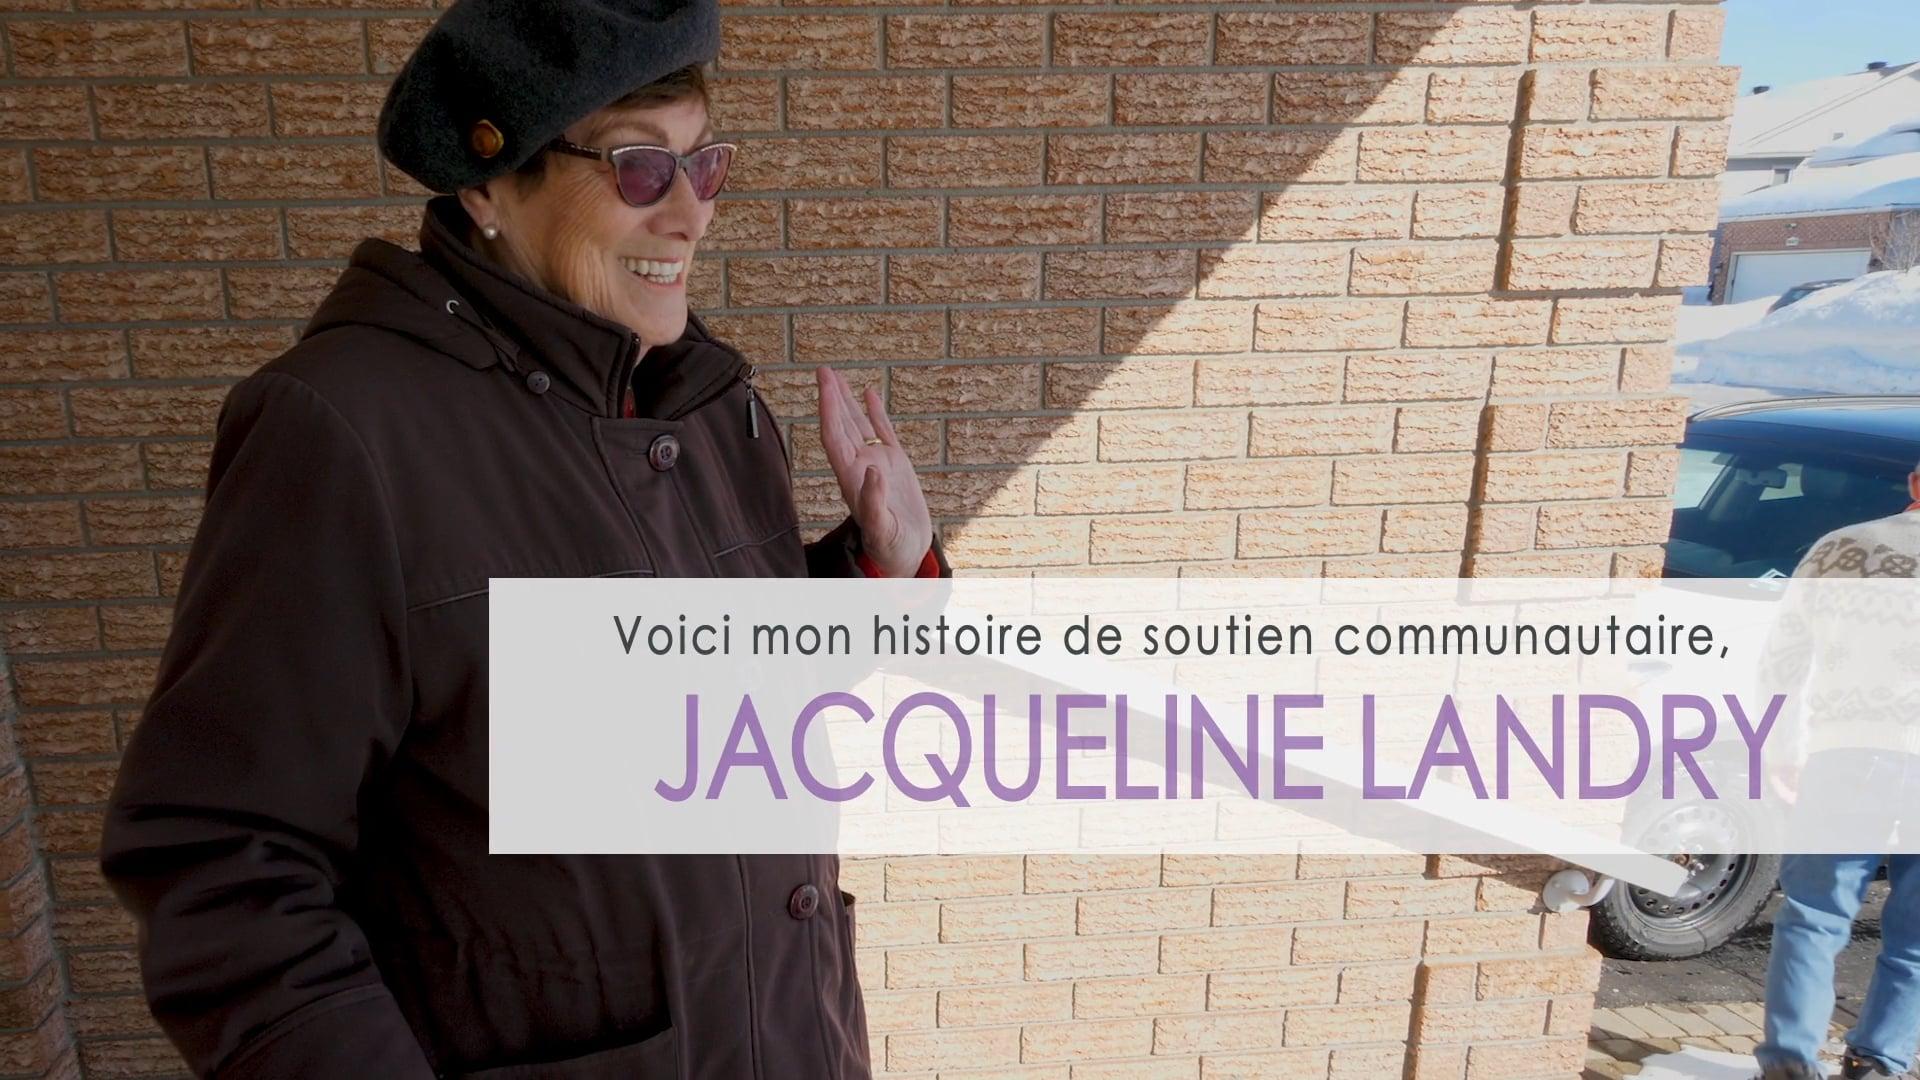 L'histoire de Jacqueline